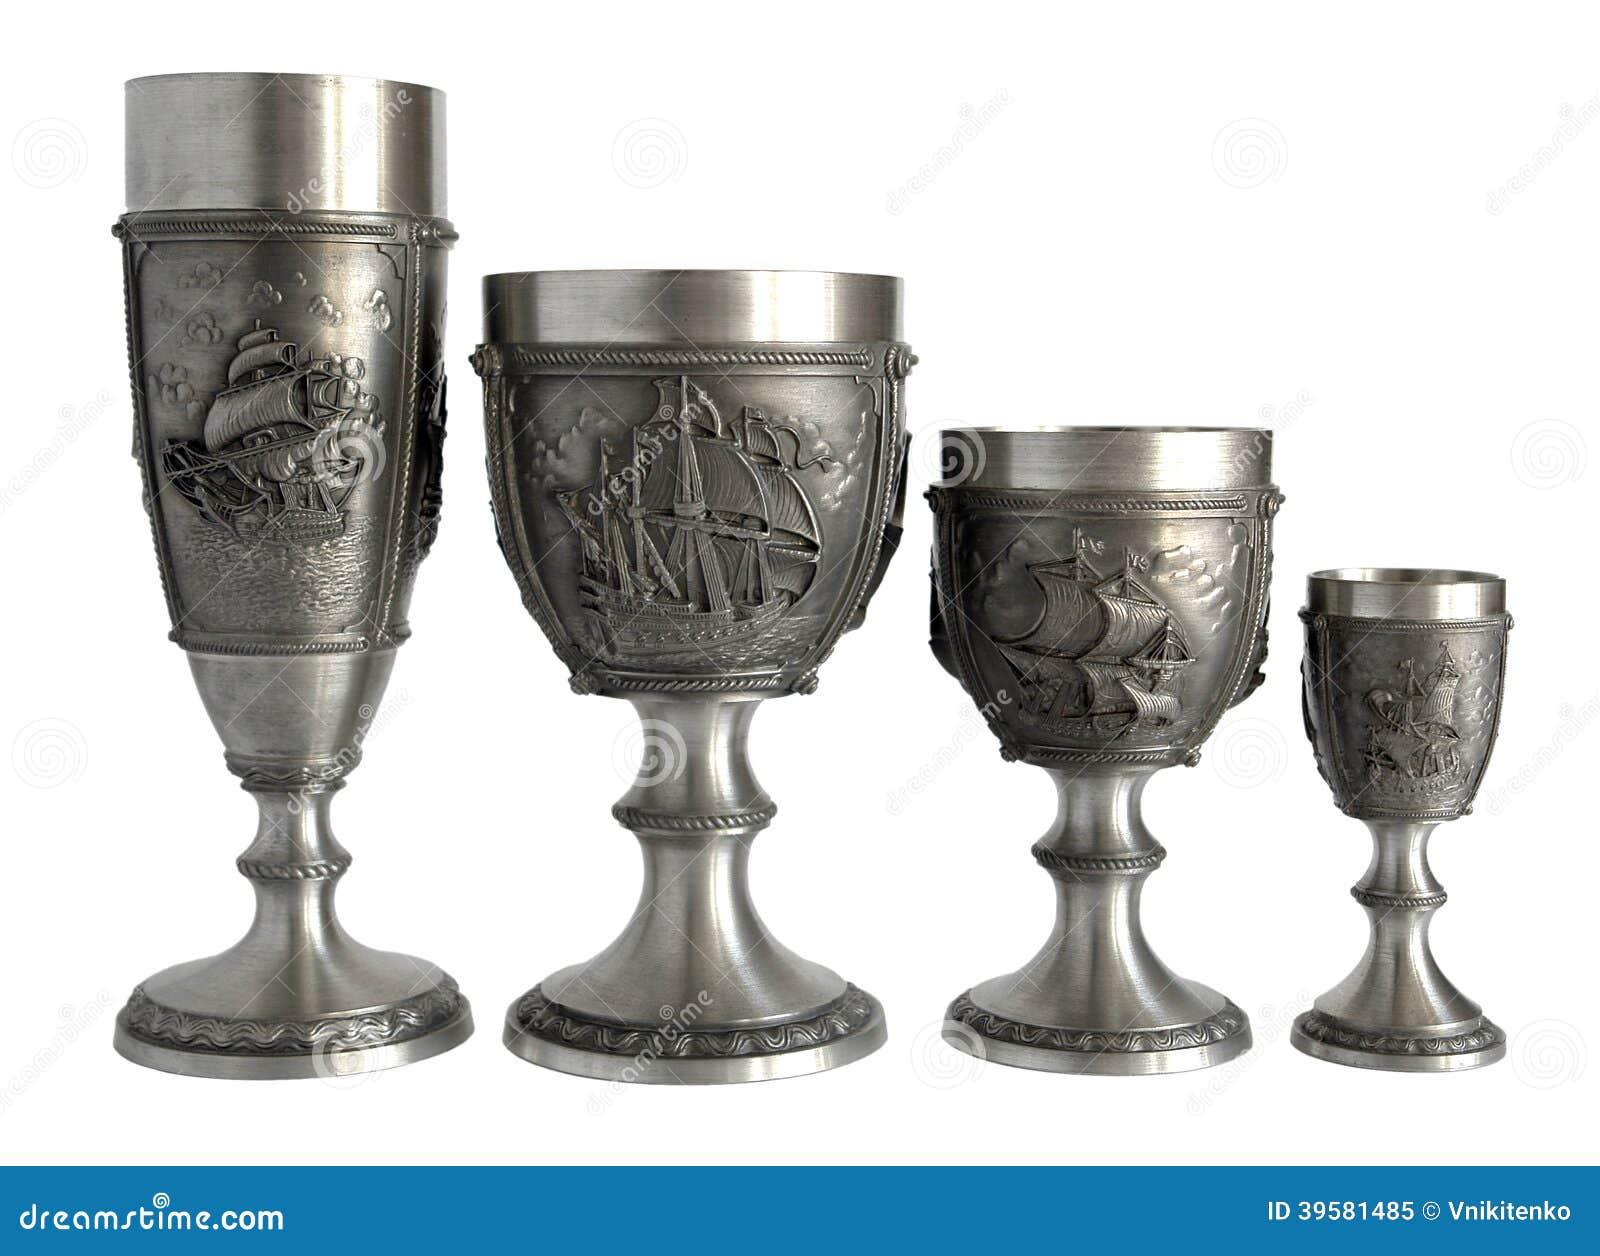 Fantasy Metal Wine Glasses